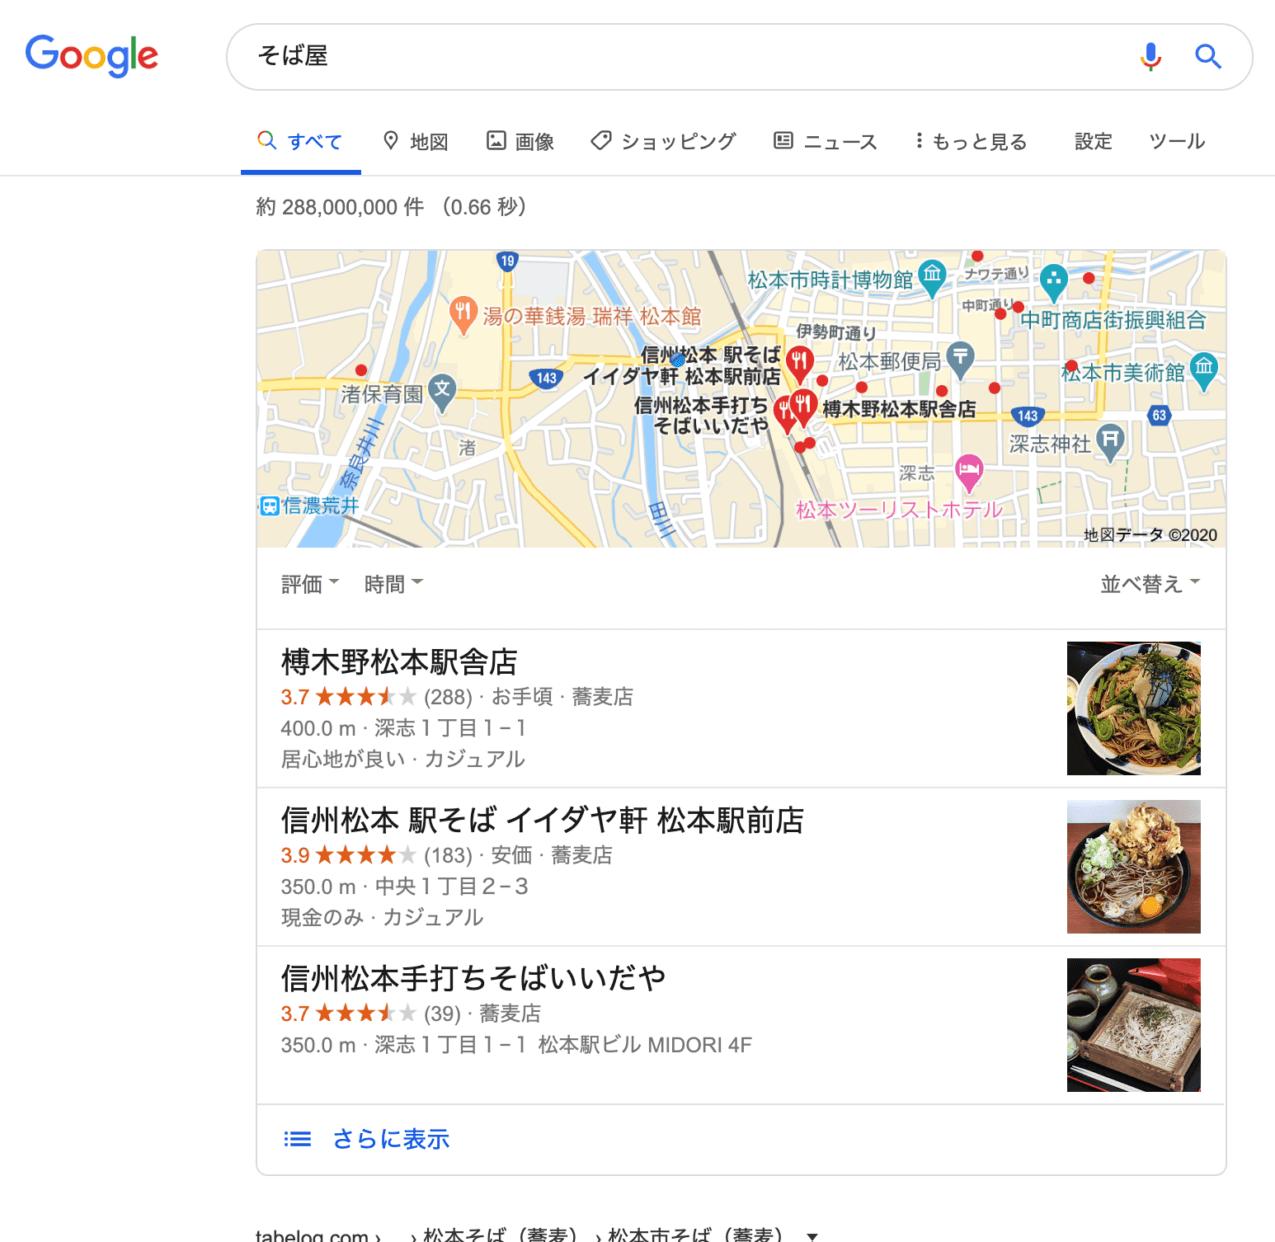 松本市そば屋